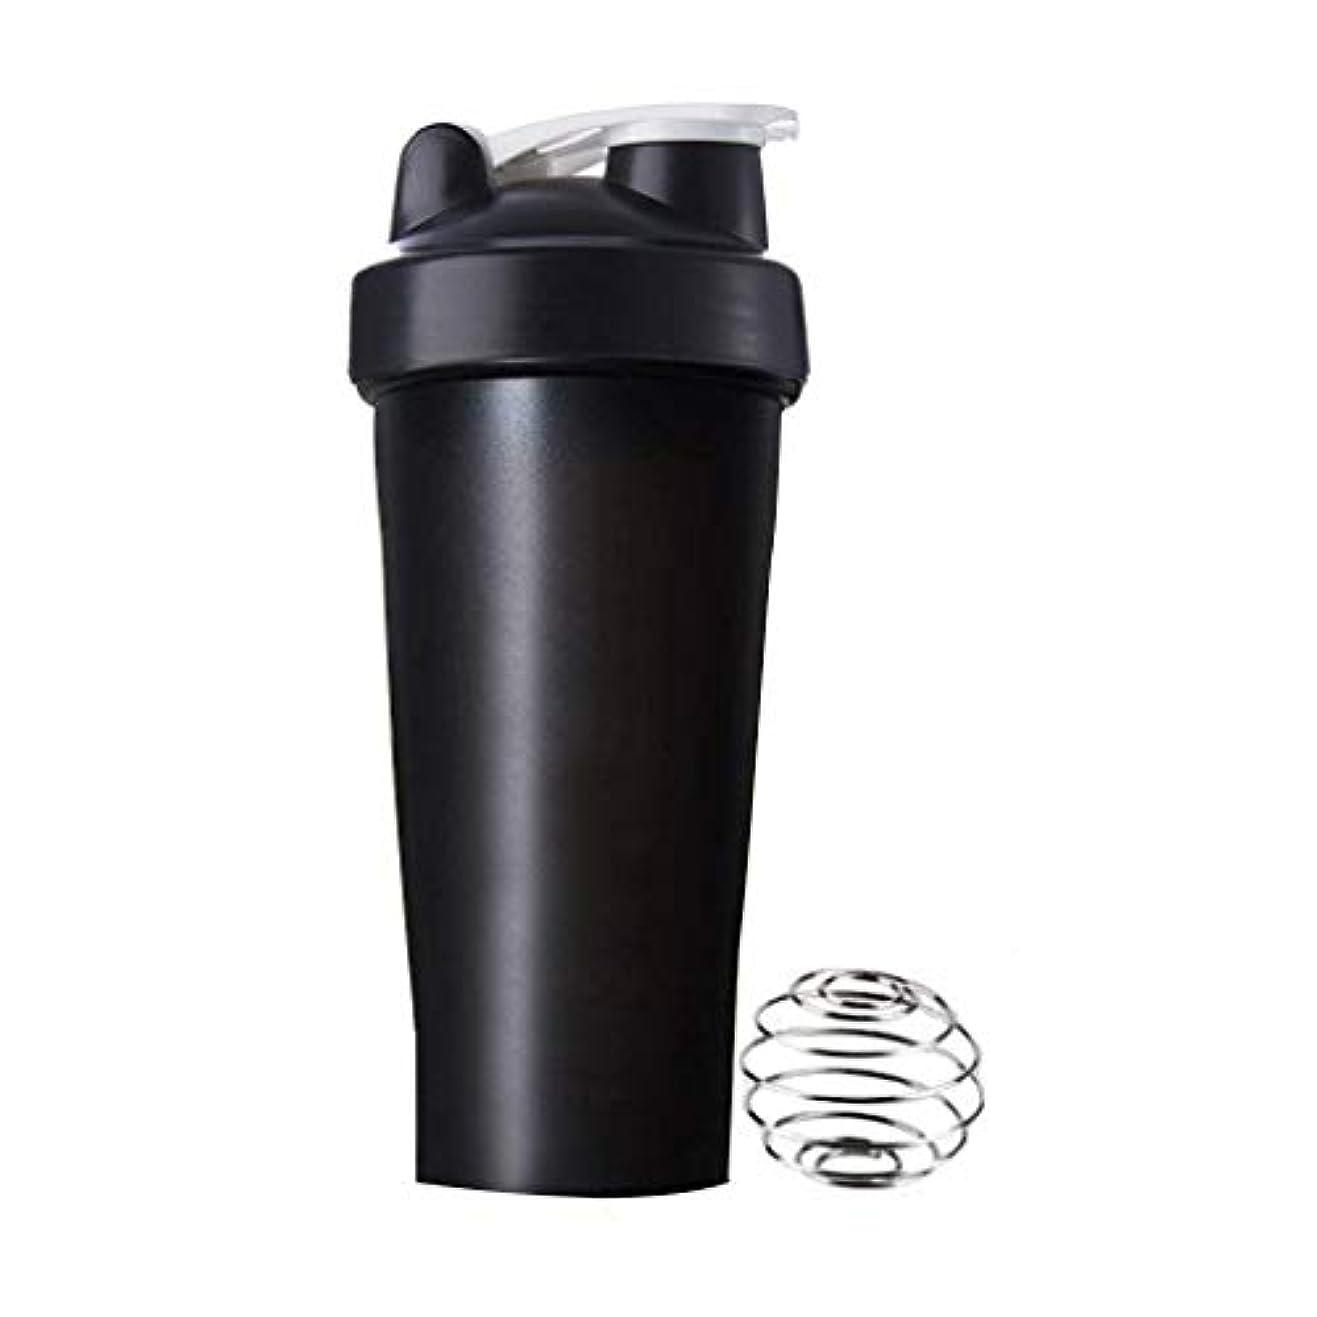 テクスチャーデンプシー迷惑Lindexs プロテインシェイカー 直飲み プラスチックウォーターボトル ジム シェーカーボトル 600ml